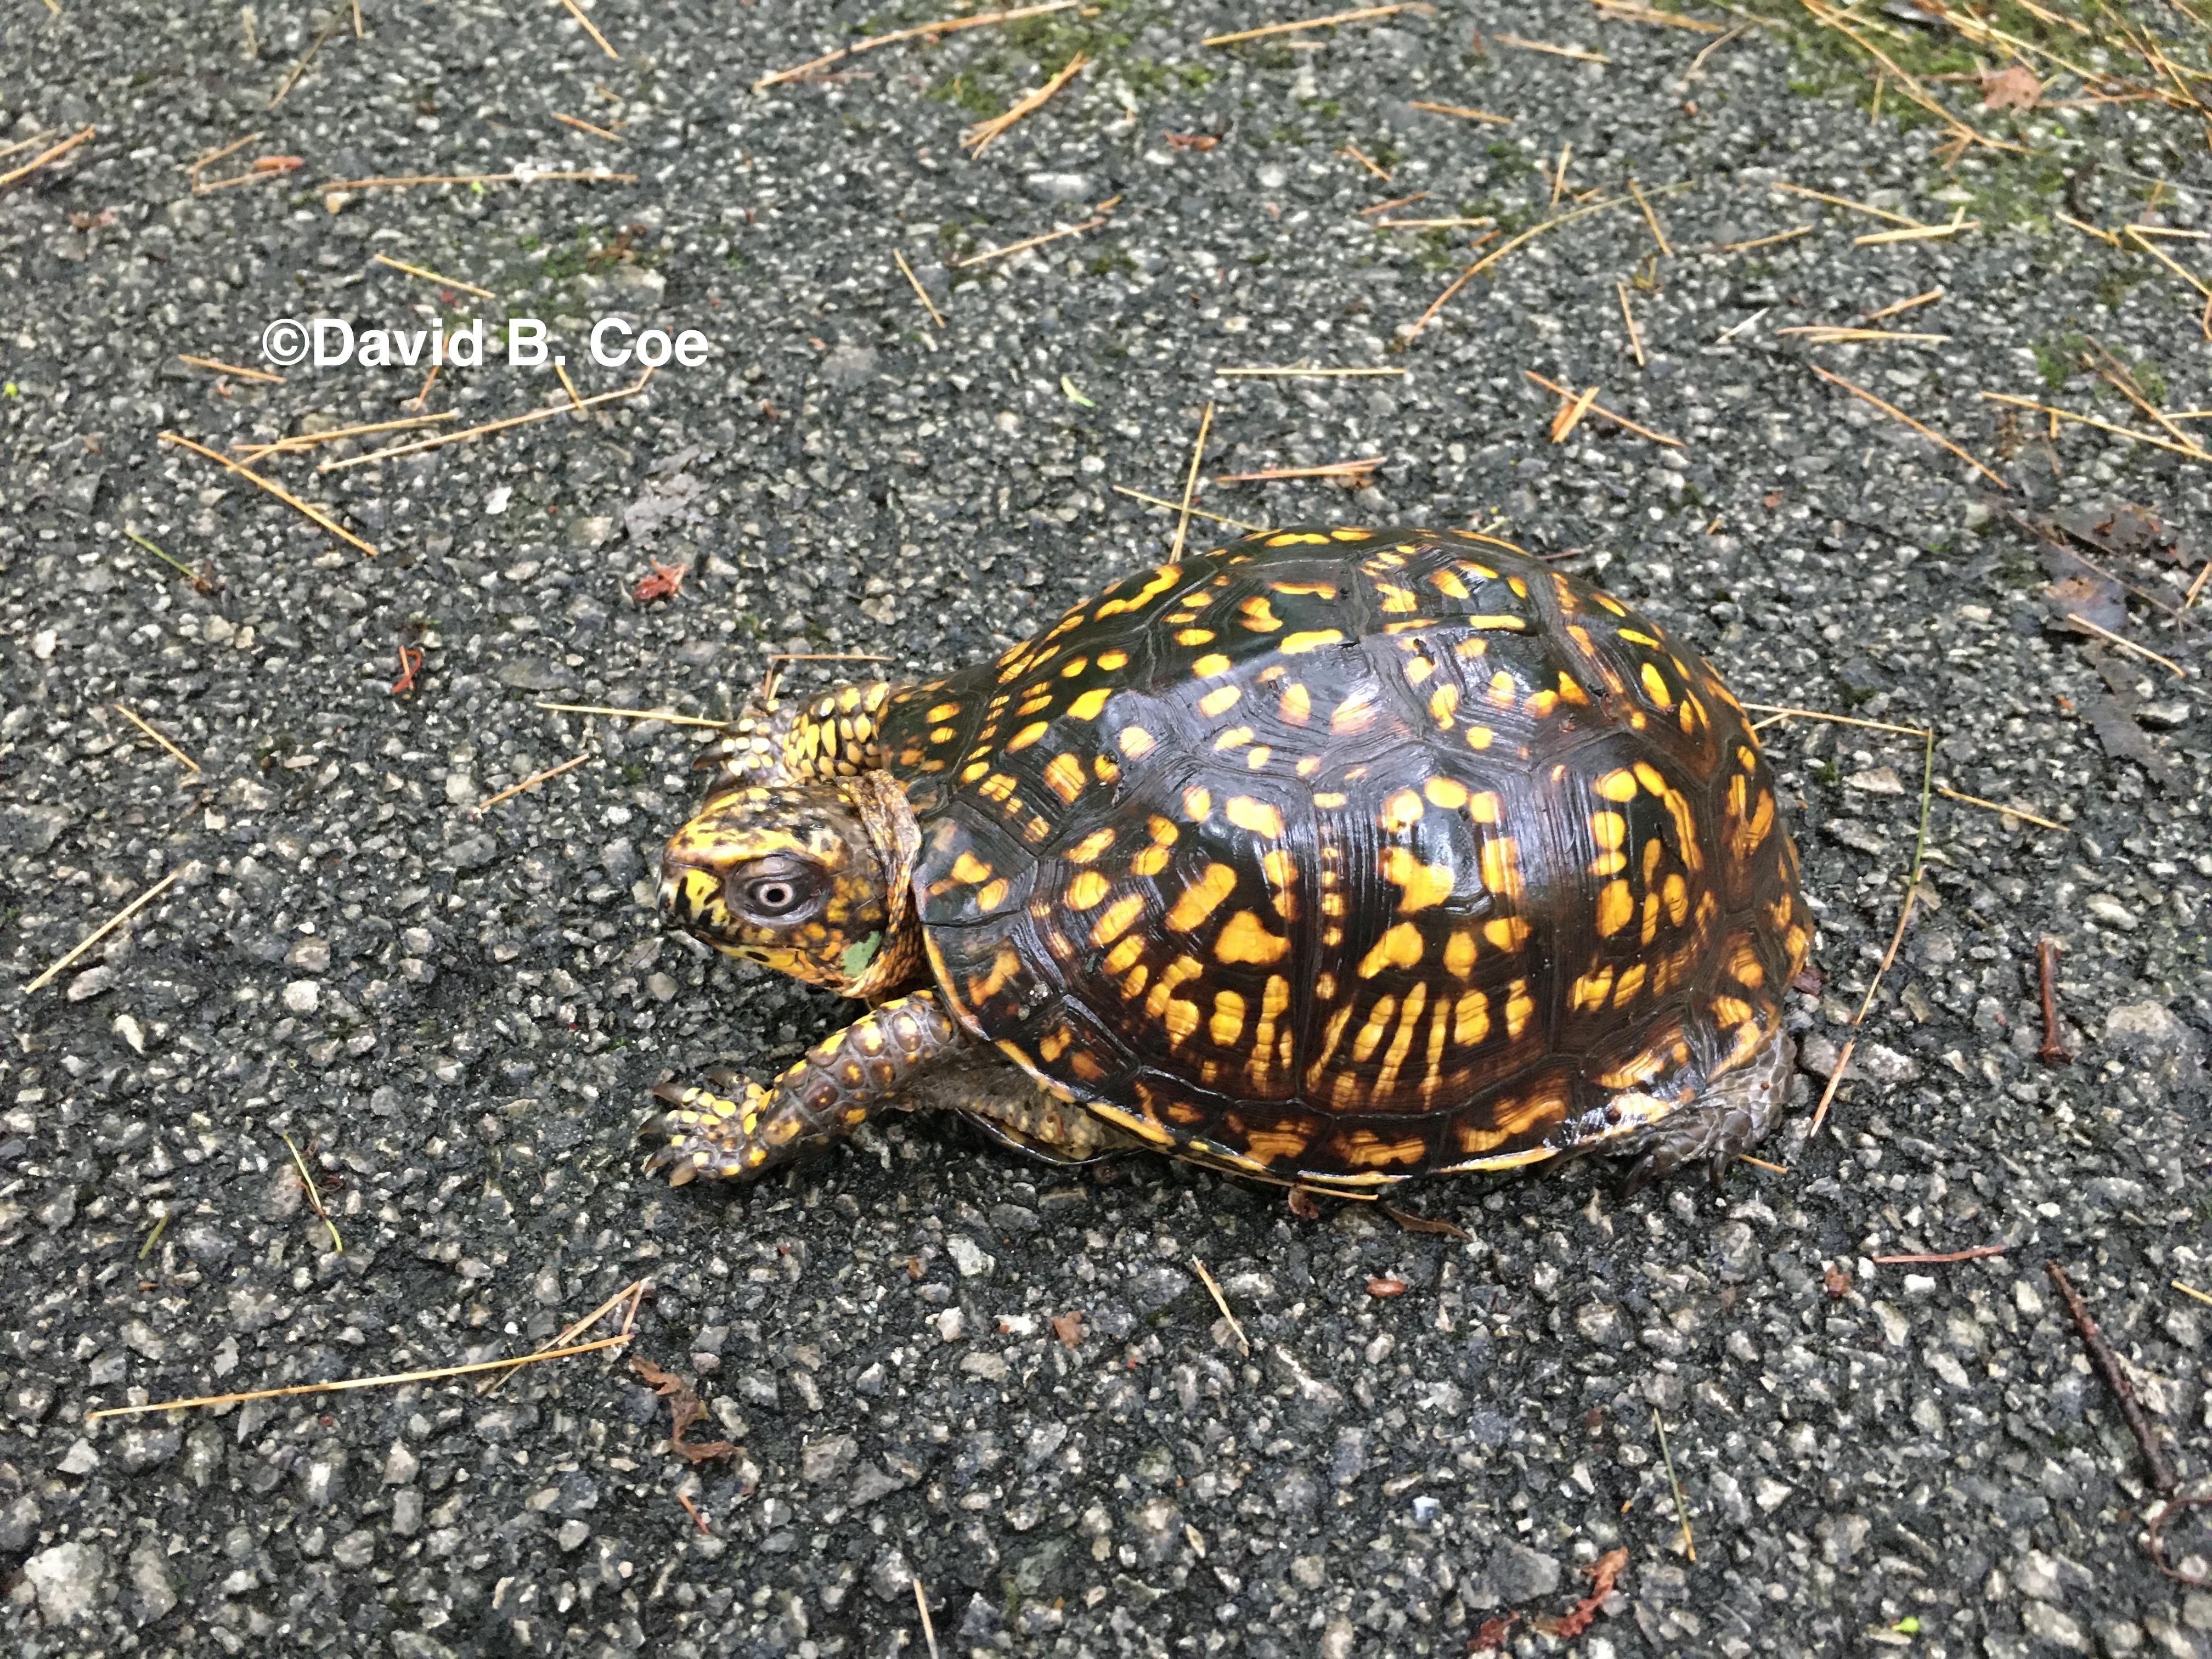 Box Turtle I, by David B. Coe